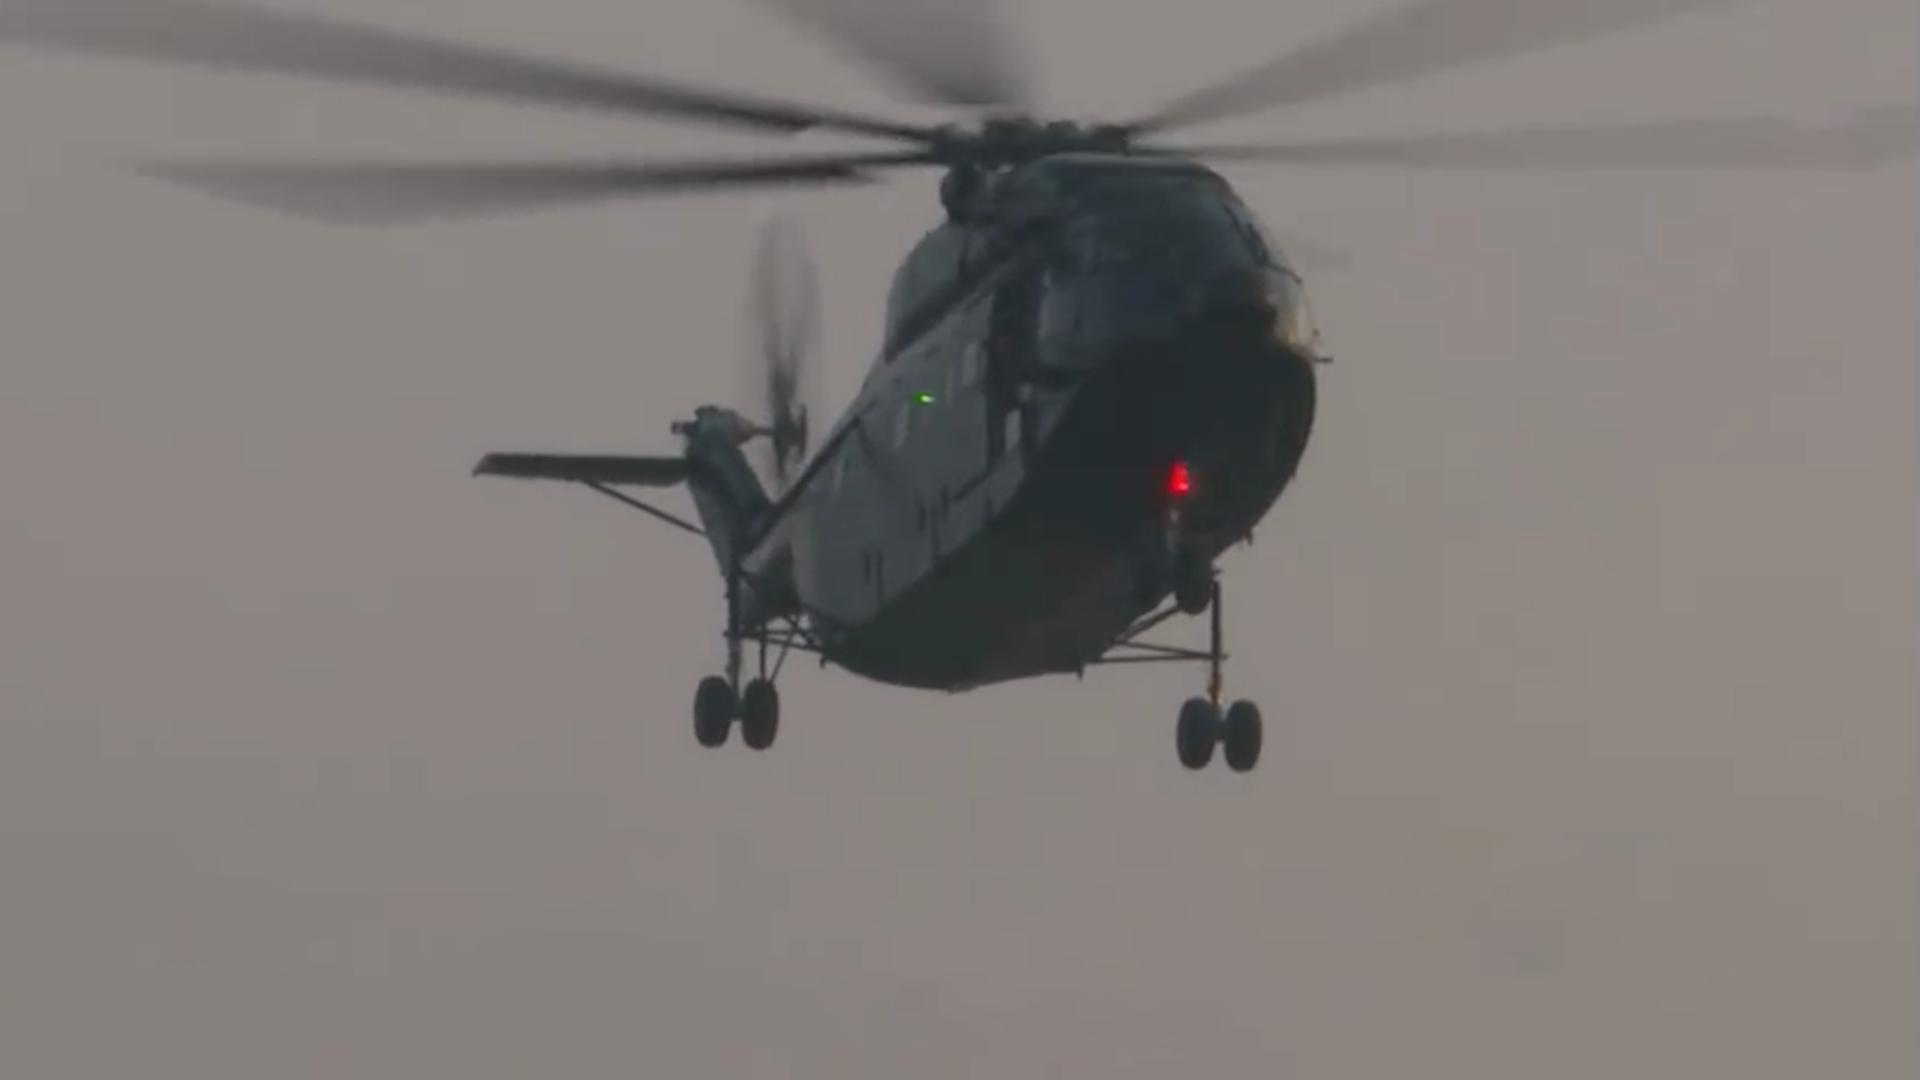 武警直升机飞行员空中投篮,网友看完献上了膝盖!